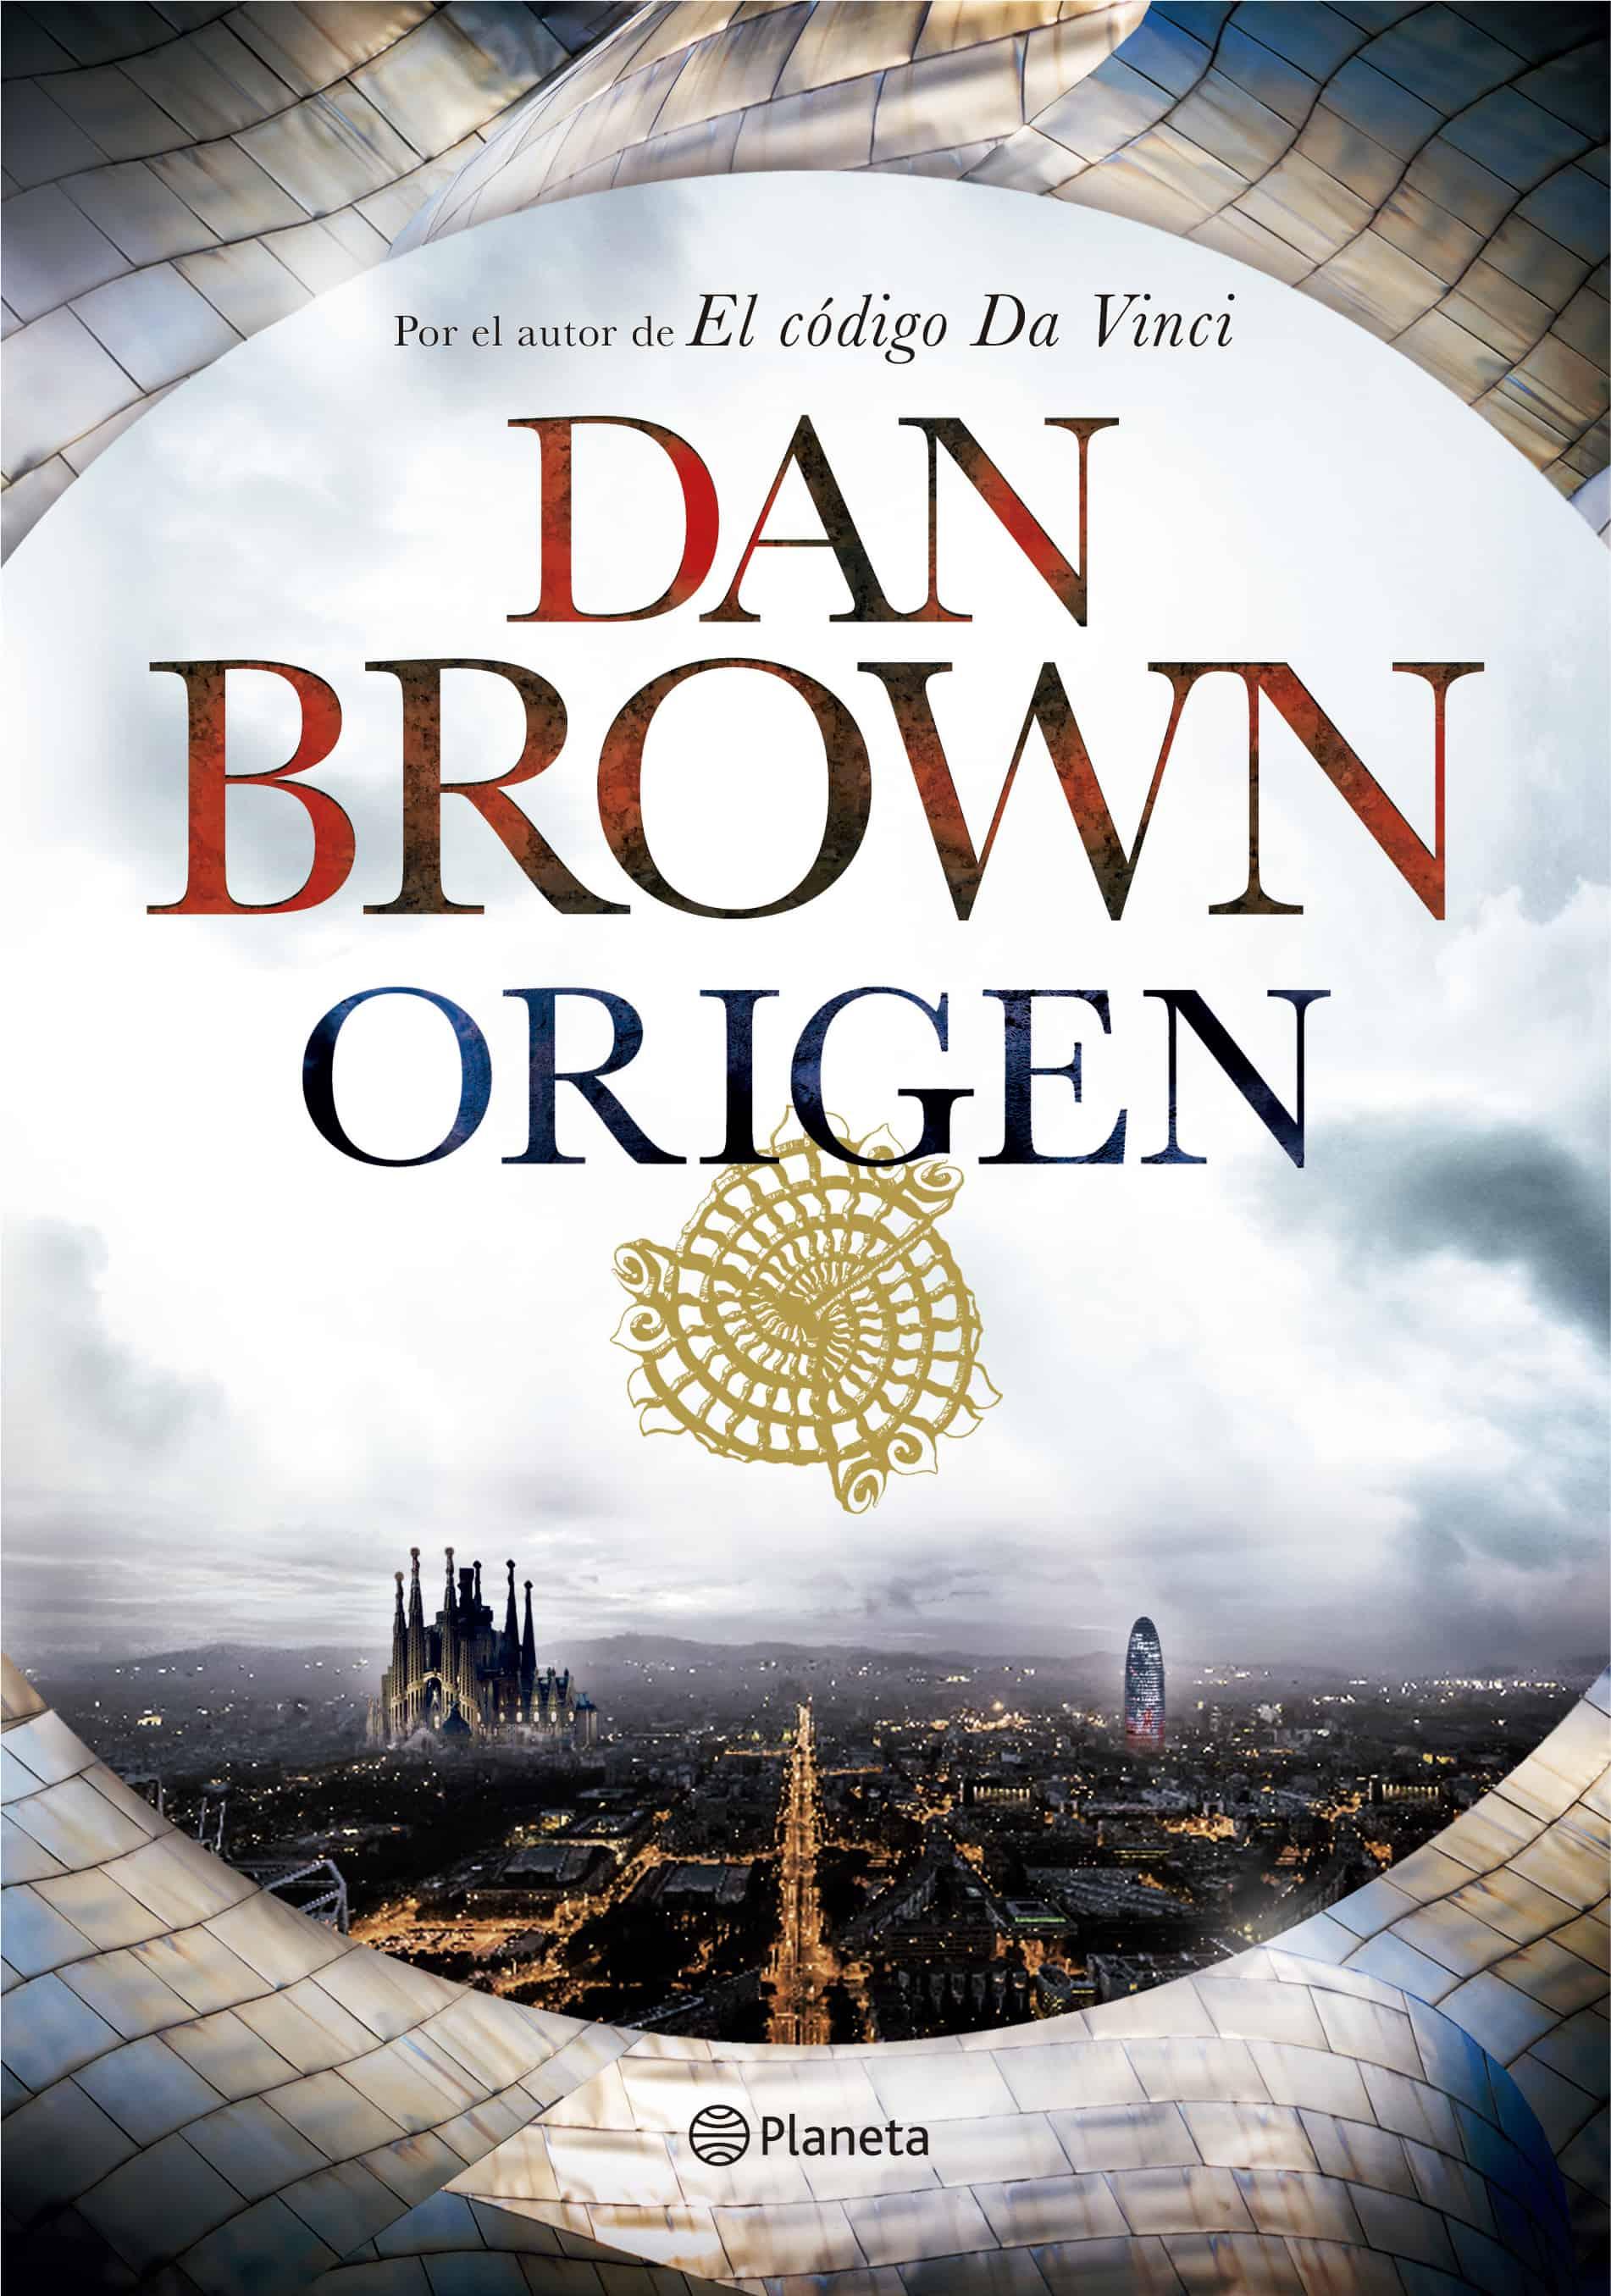 Dan Brown portada Origen